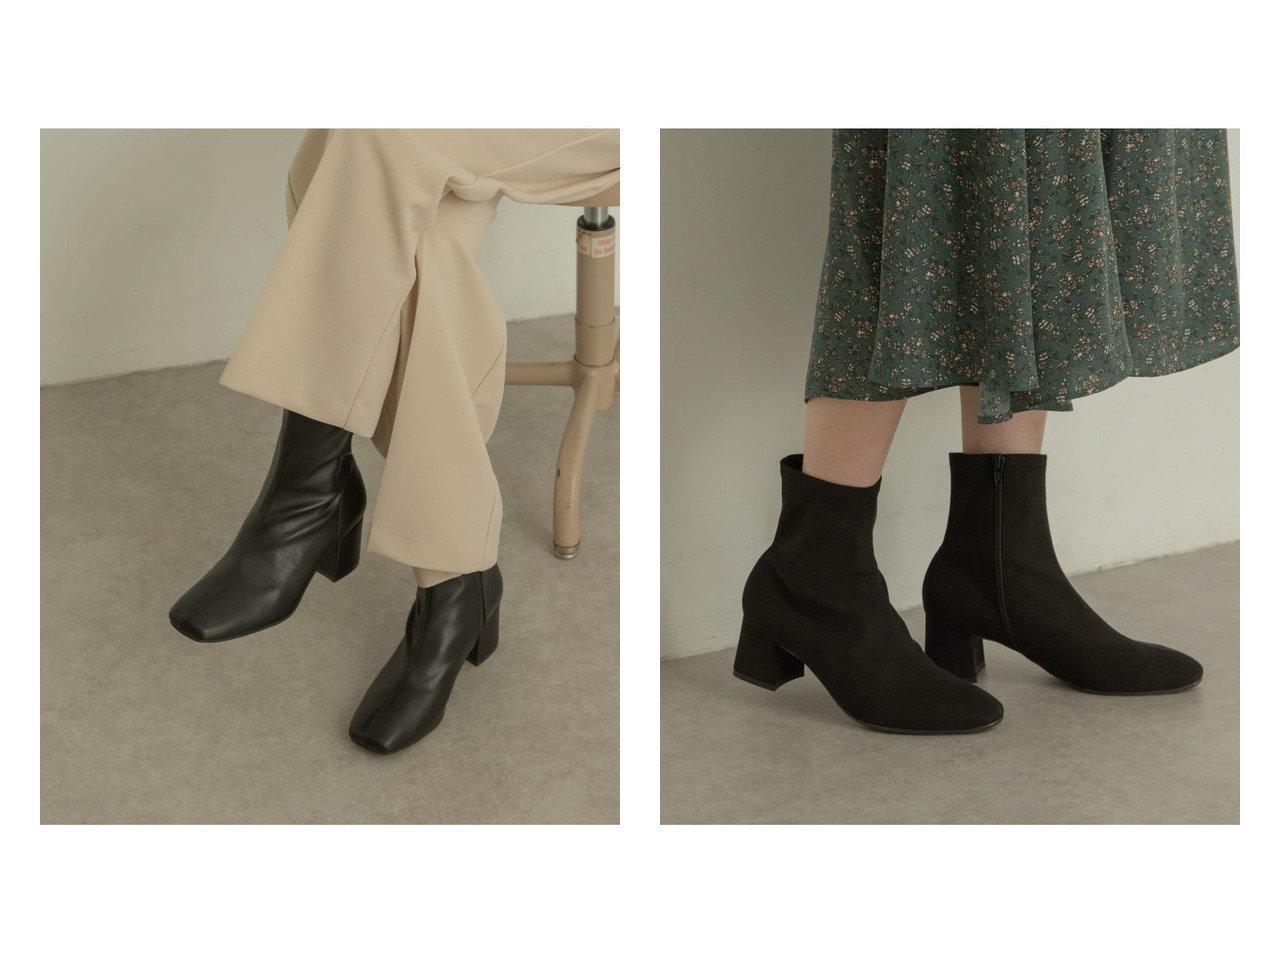 【RODE SKO/ロデスコ】のEMMY エコスエードストレッチブーツ&HEINTJE ストレッチブーツ シューズ・靴のおすすめ!人気、トレンド・レディースファッションの通販  おすすめで人気の流行・トレンド、ファッションの通販商品 メンズファッション・キッズファッション・インテリア・家具・レディースファッション・服の通販 founy(ファニー) https://founy.com/ ファッション Fashion レディースファッション WOMEN シューズ ショート ストレッチ フィット フレア ボトム ワイド 定番 スエード ベーシック レオパード A/W 秋冬 AW Autumn/Winter / FW Fall-Winter |ID:crp329100000009802